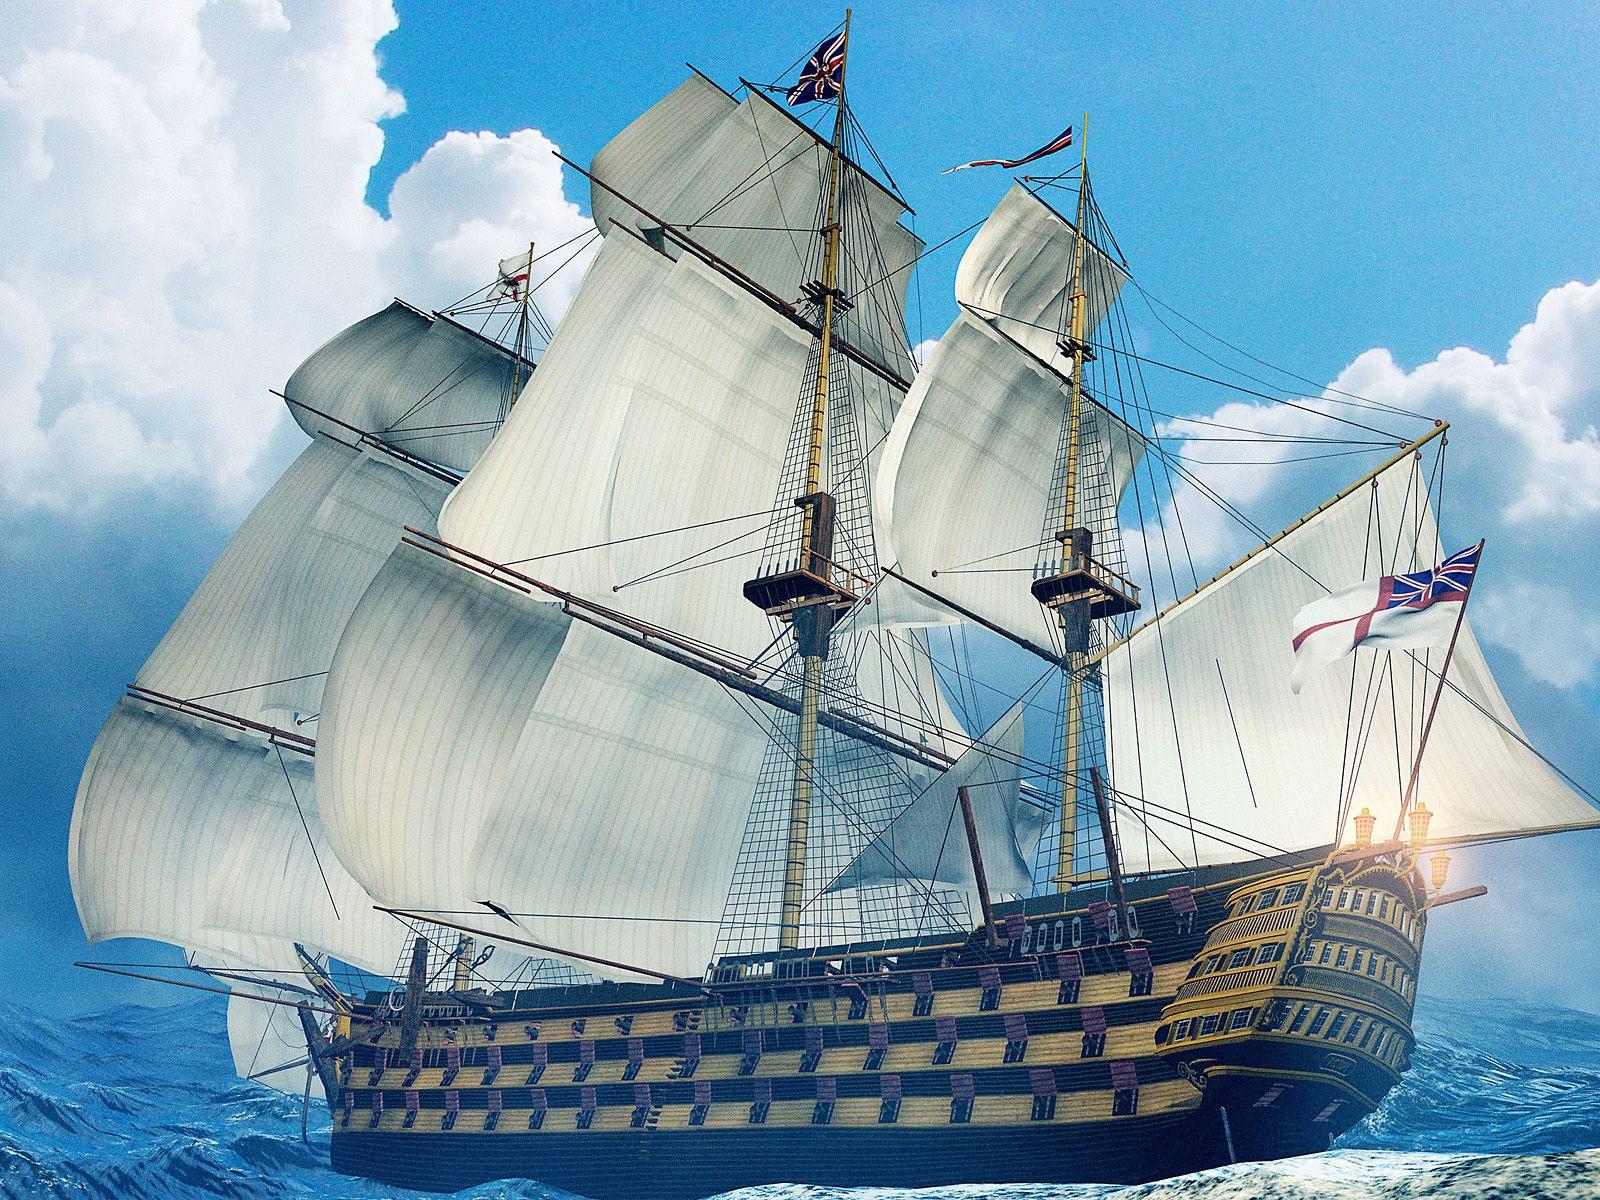 бушующие волны, смотреть картинки парусных кораблей собраны